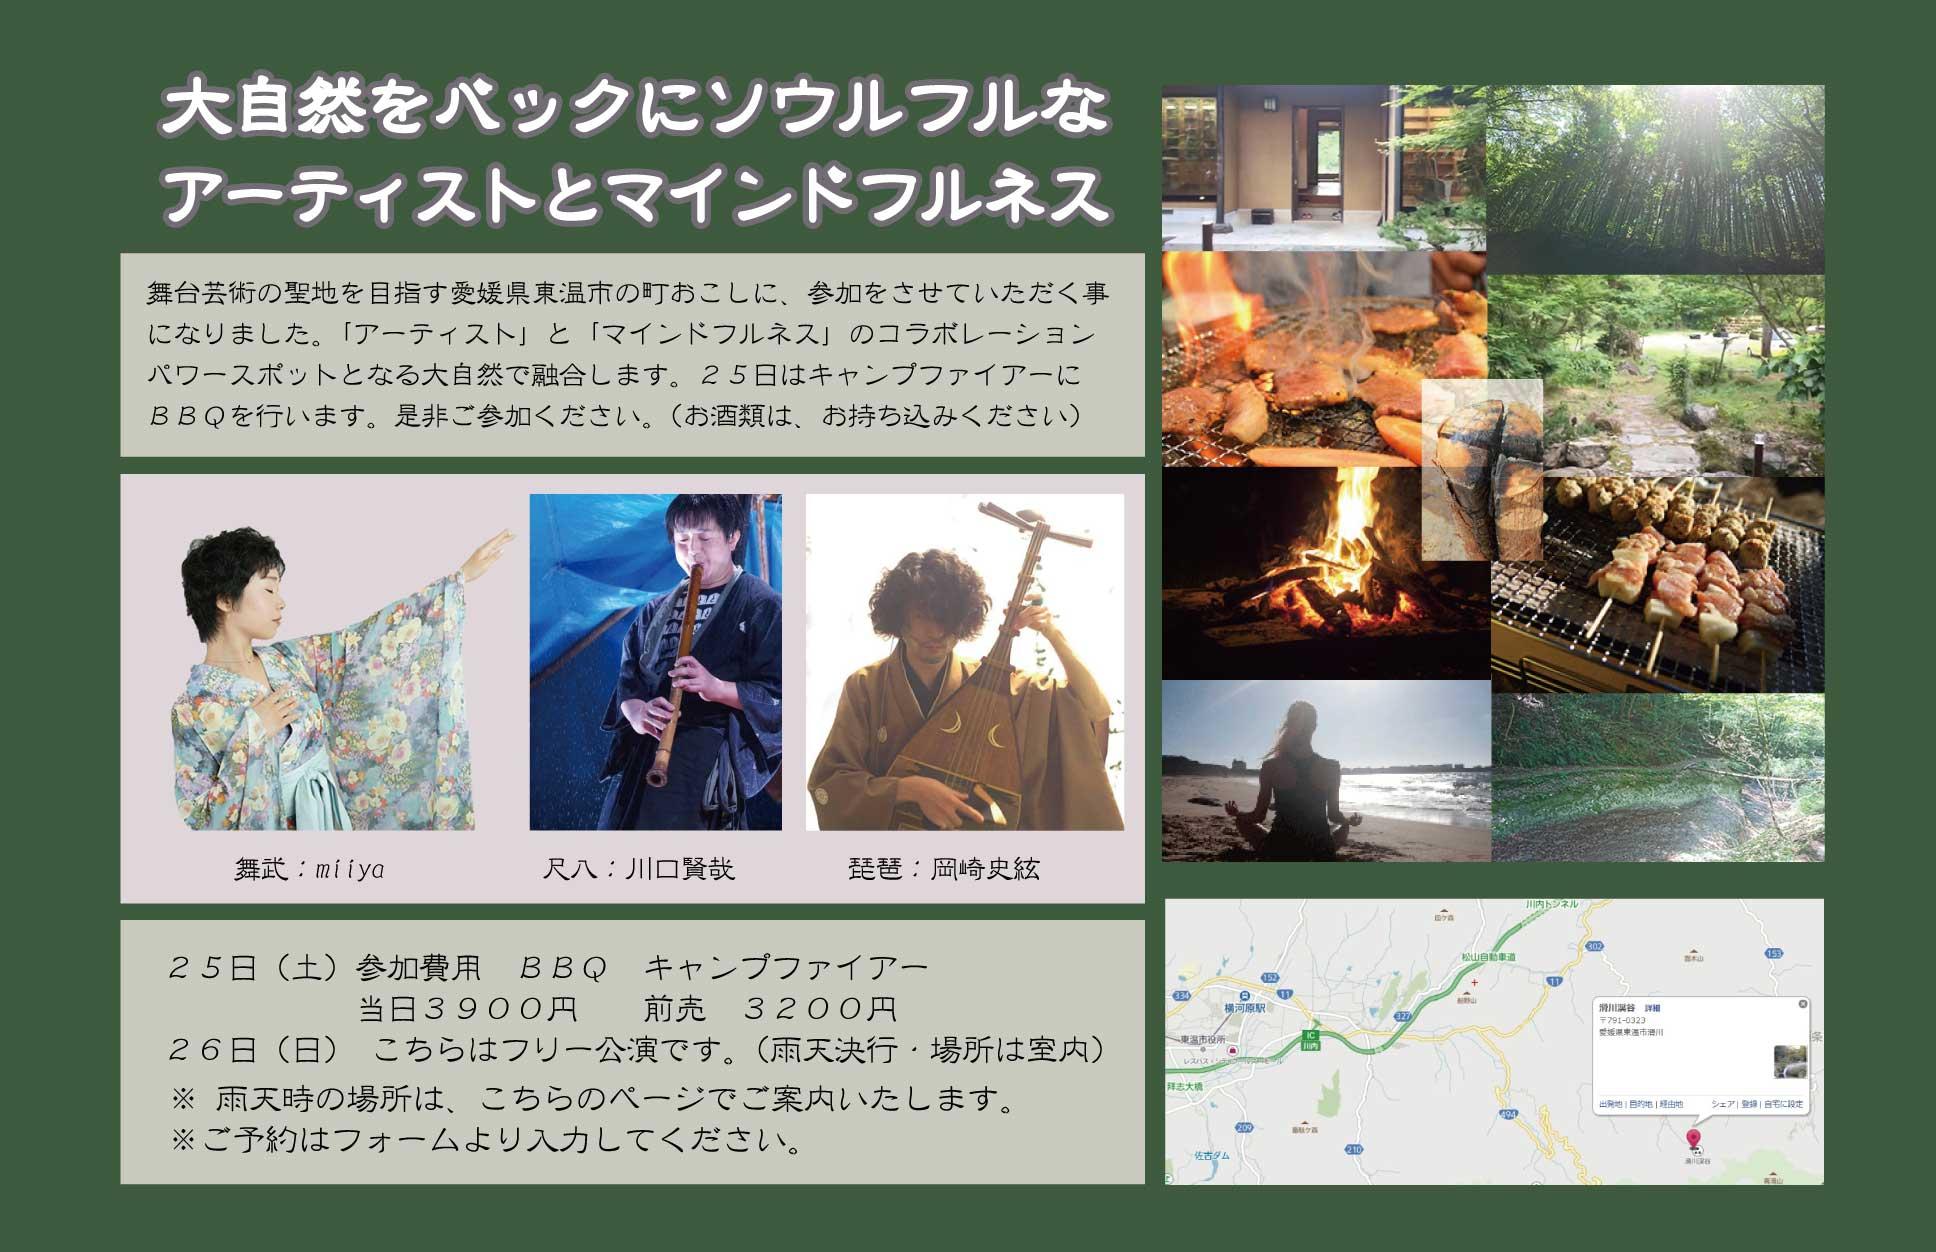 舞台芸術の聖地を目指す愛媛県東温市の町おこしに、参加をさせていただく事 になりました。「アーティスト」と「マインドフルネス」のコラボレーション パワースポットとなる大自然で融合します。 25日はキャンプファイアーに BBQを行います。是非ご参加ください。(お酒類は、お持ち込みください)